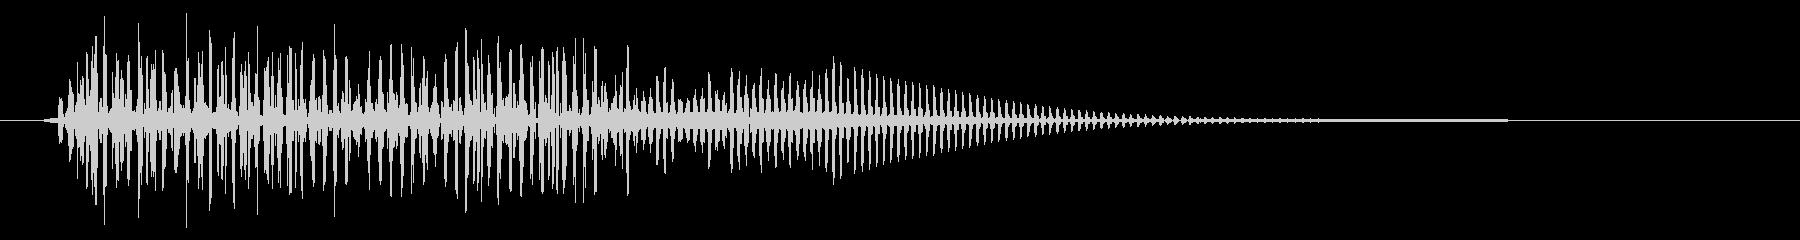 パプッ(短めの音)ラッパの未再生の波形